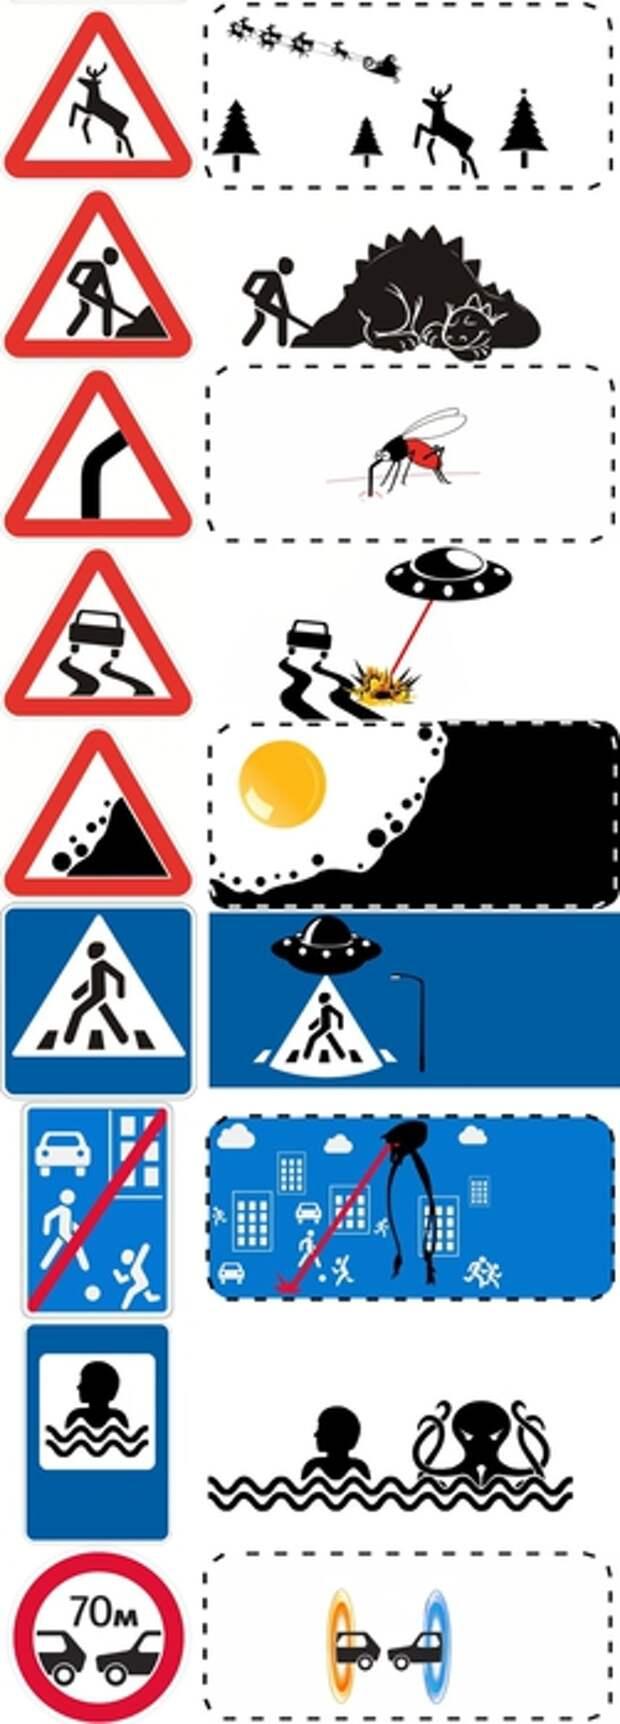 тайна дорожных знаков раскрыта/1354381911_picdump_catsmob_dot_com_02098_060 (251x700, 115Kb)